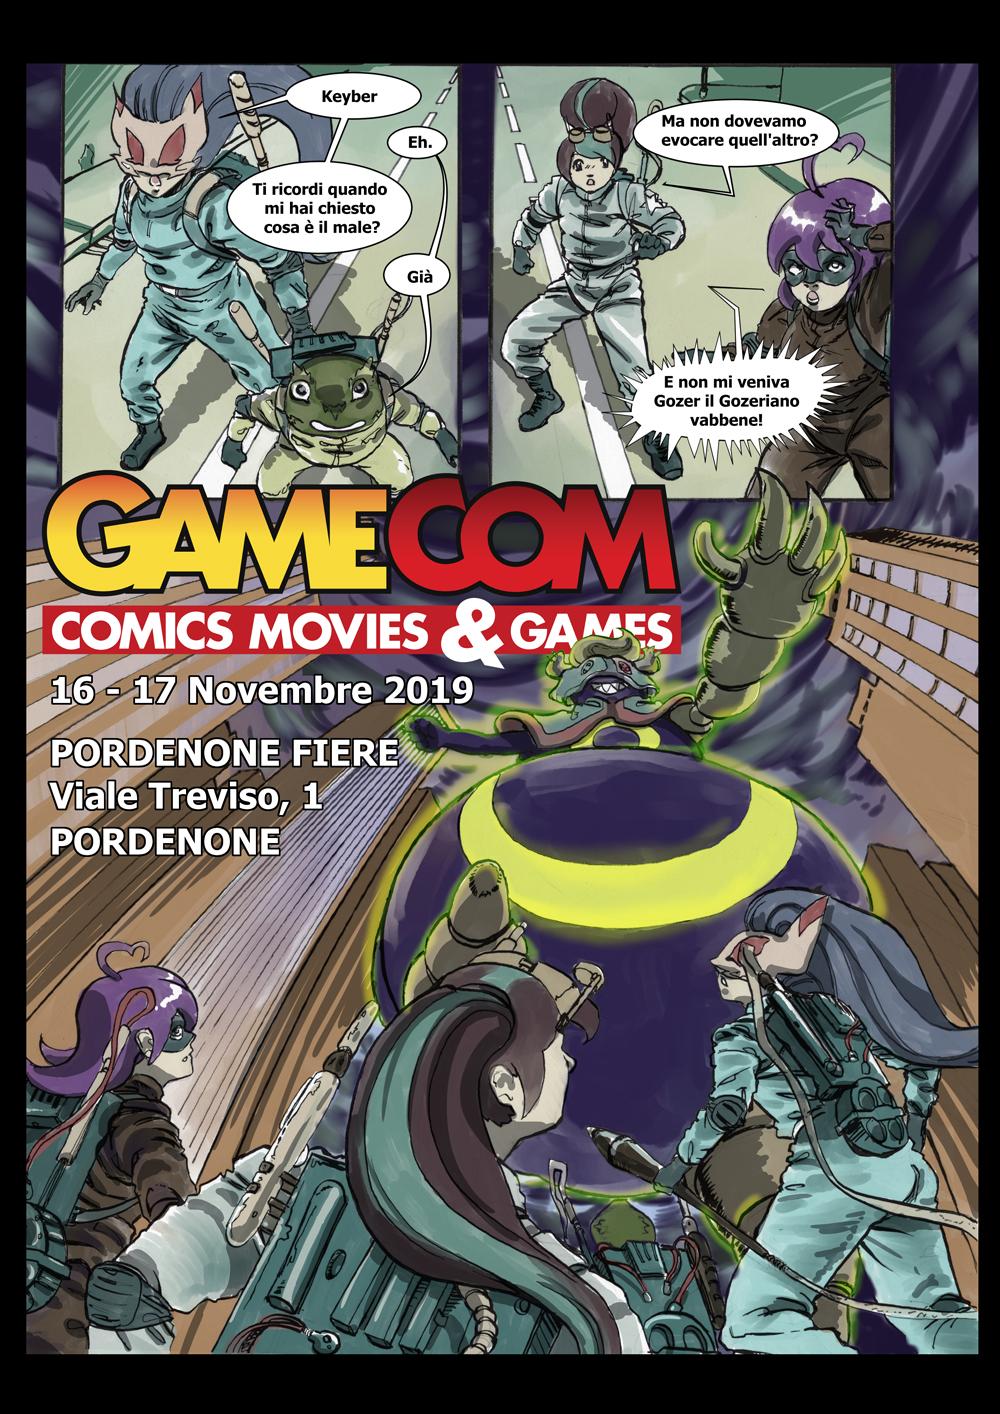 Gamecom 2019